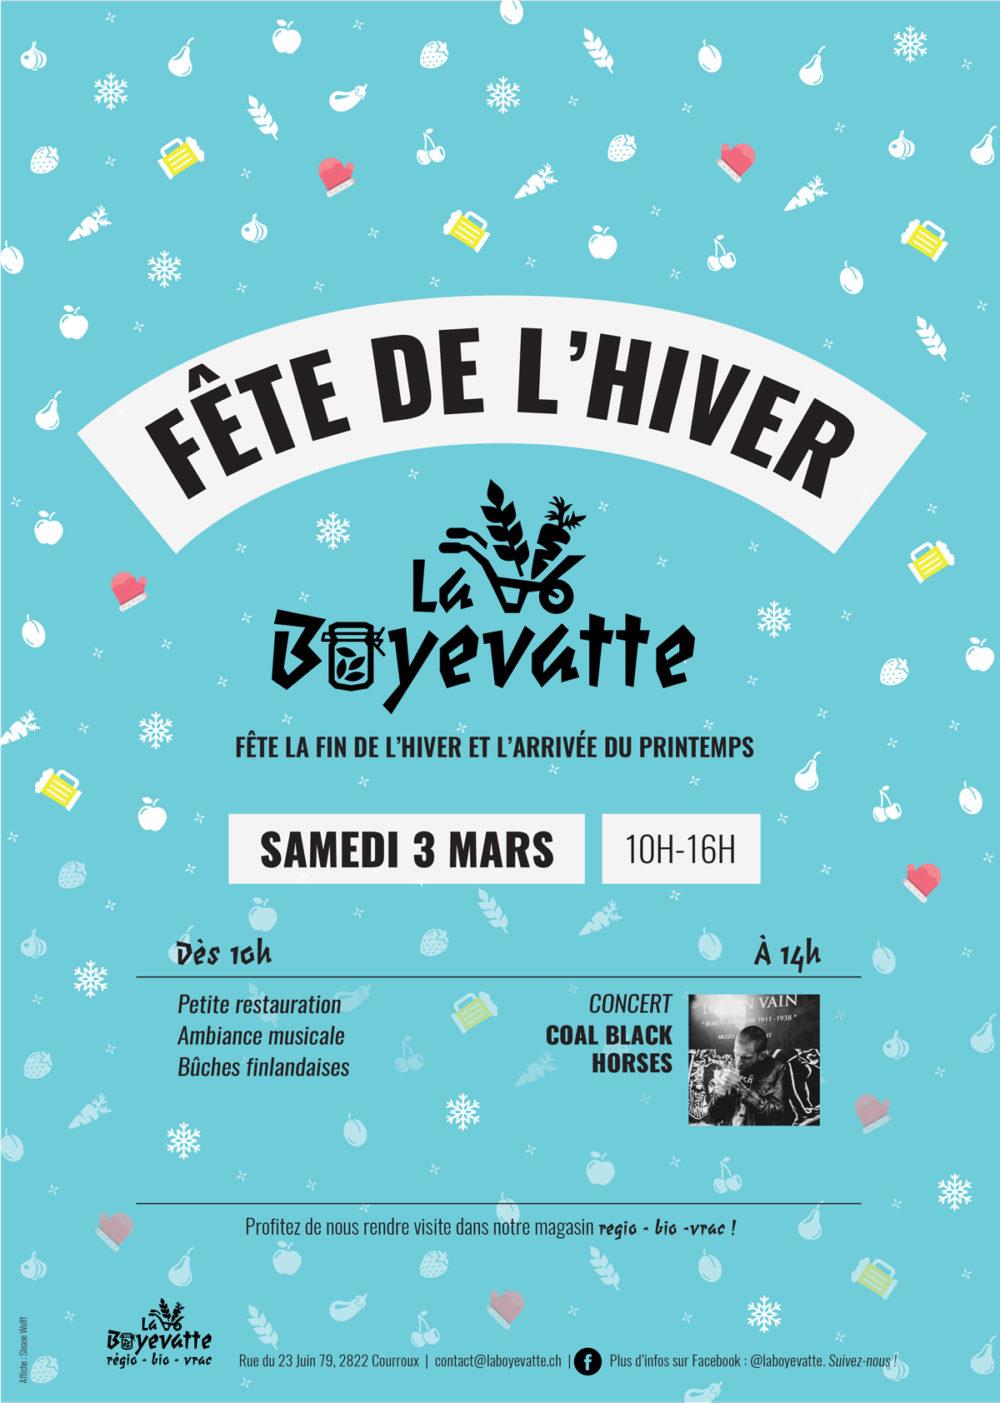 Affiche pour la Fête de l'hiver de La Boyevatte